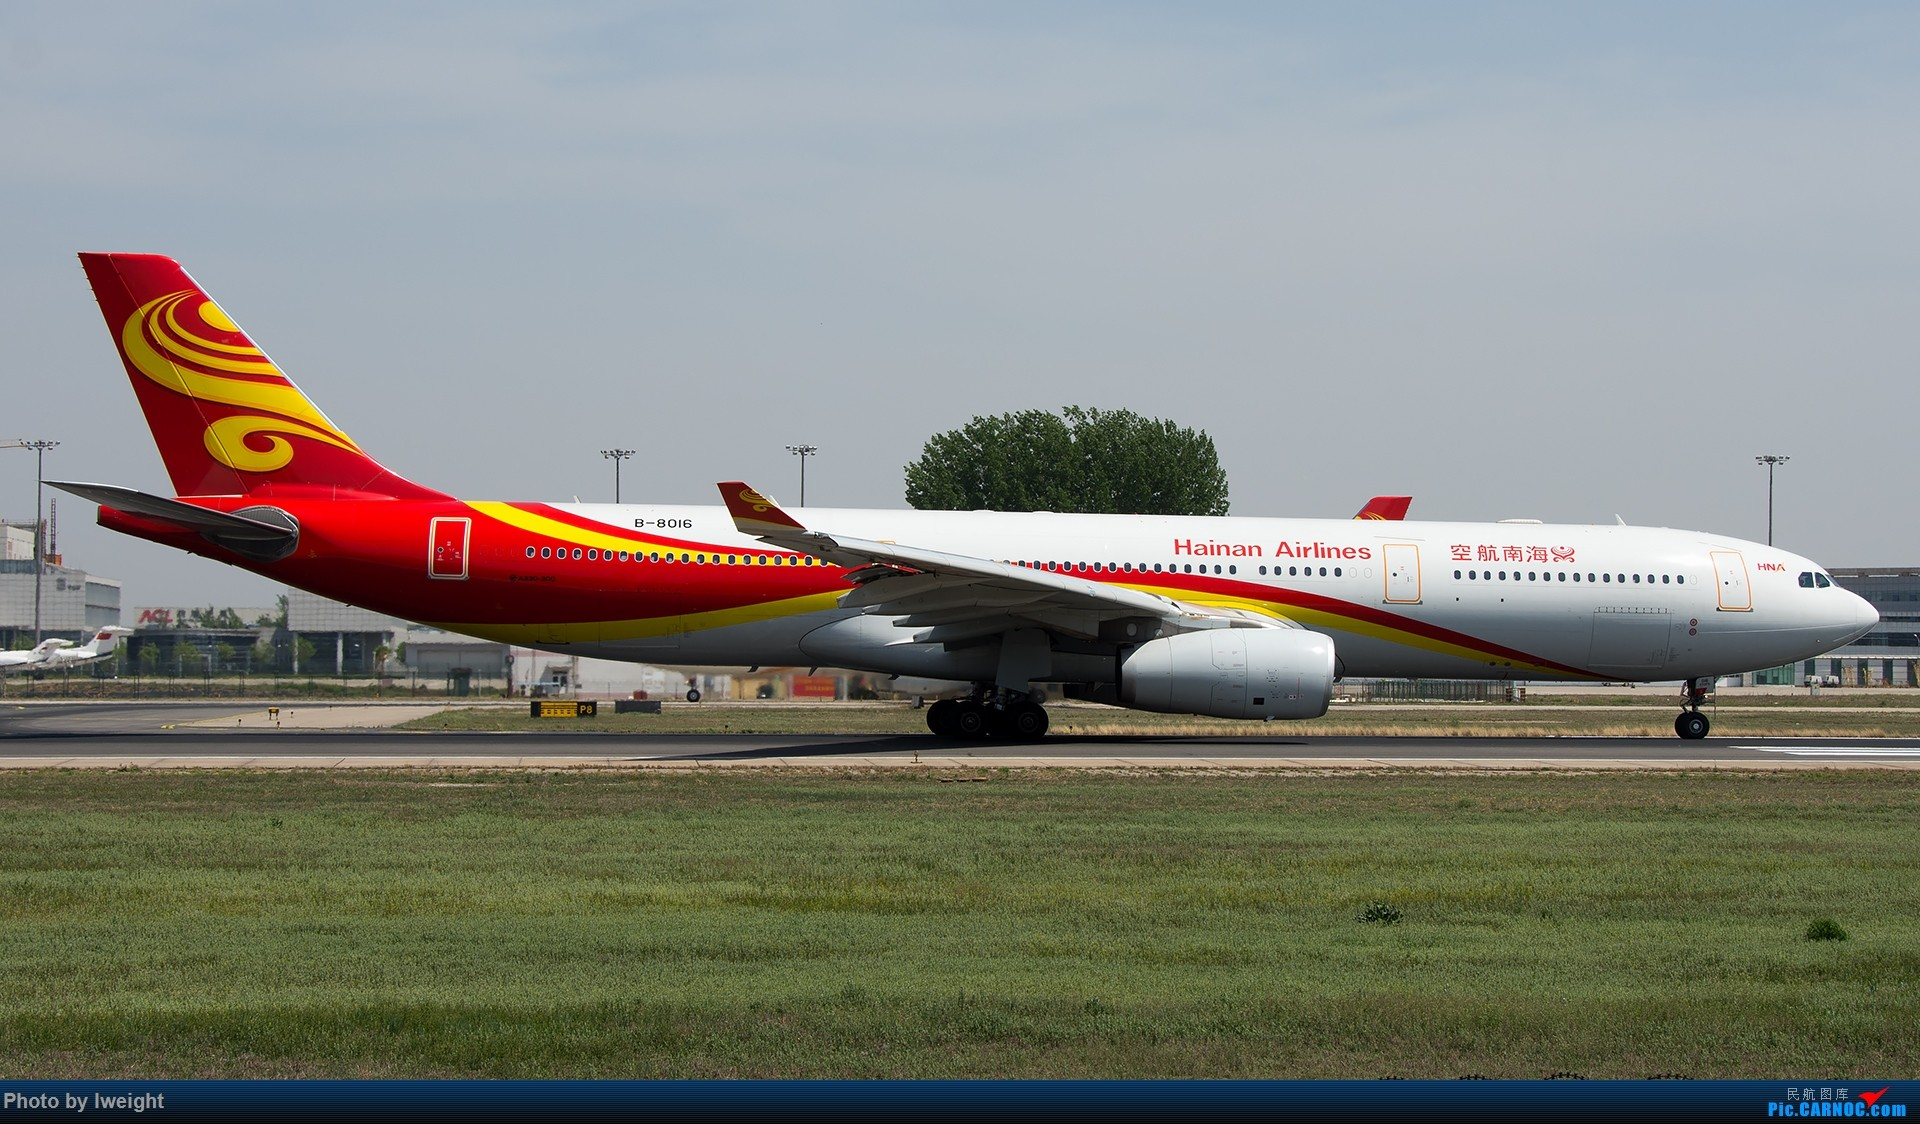 Re:[原创]天气晴朗,继续守候18R【多图】 AIRBUS A330-300 B-8016 中国北京首都国际机场